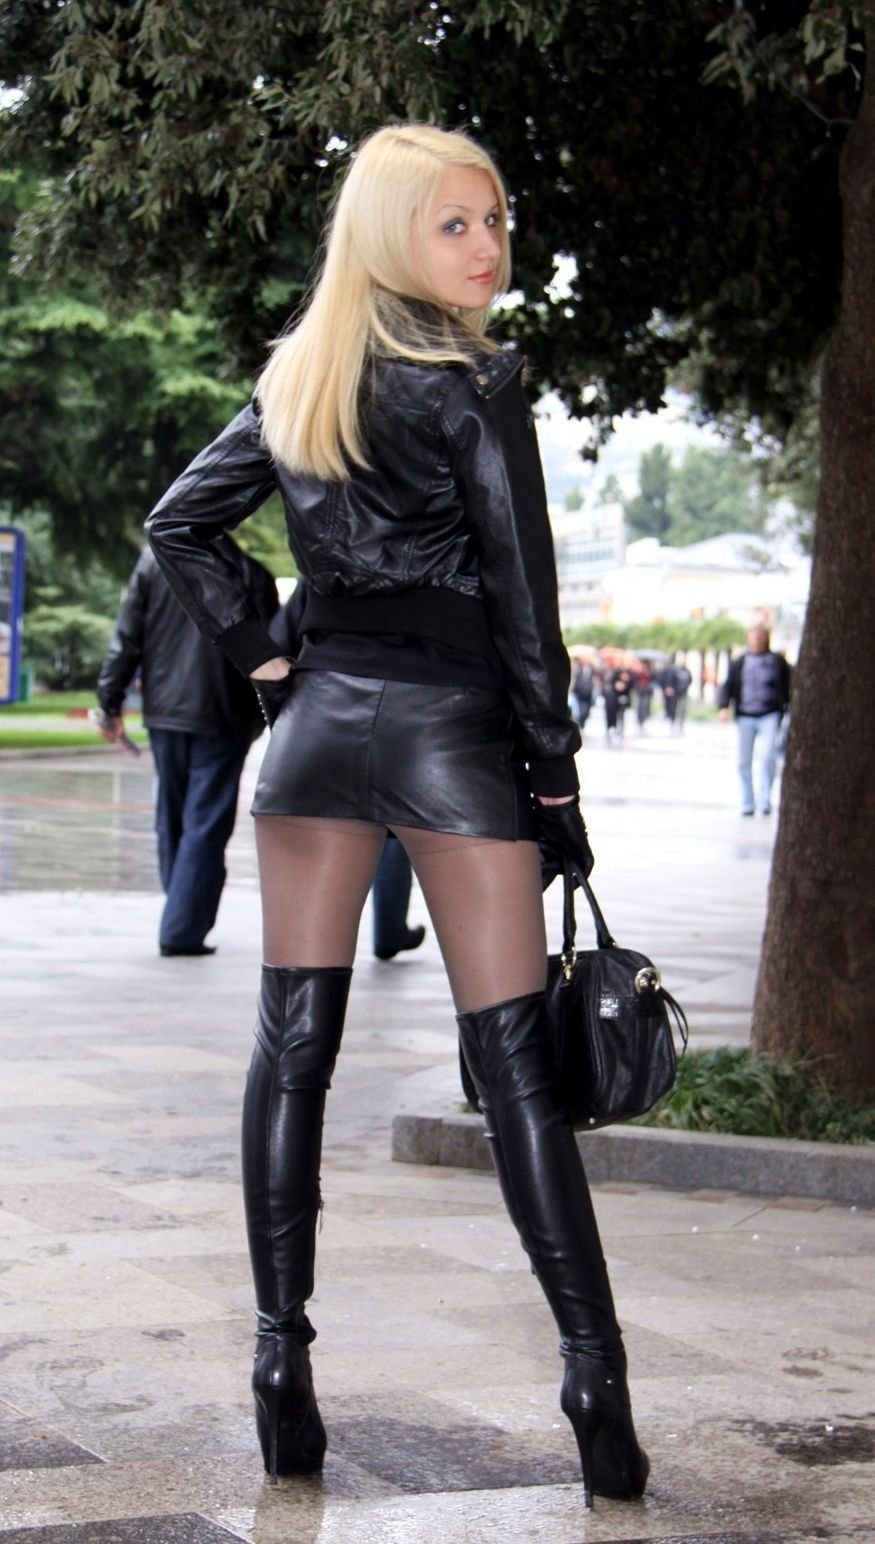 Порно фото женщины в сапогах на каблуках в короткой юбке видео безумно кричит